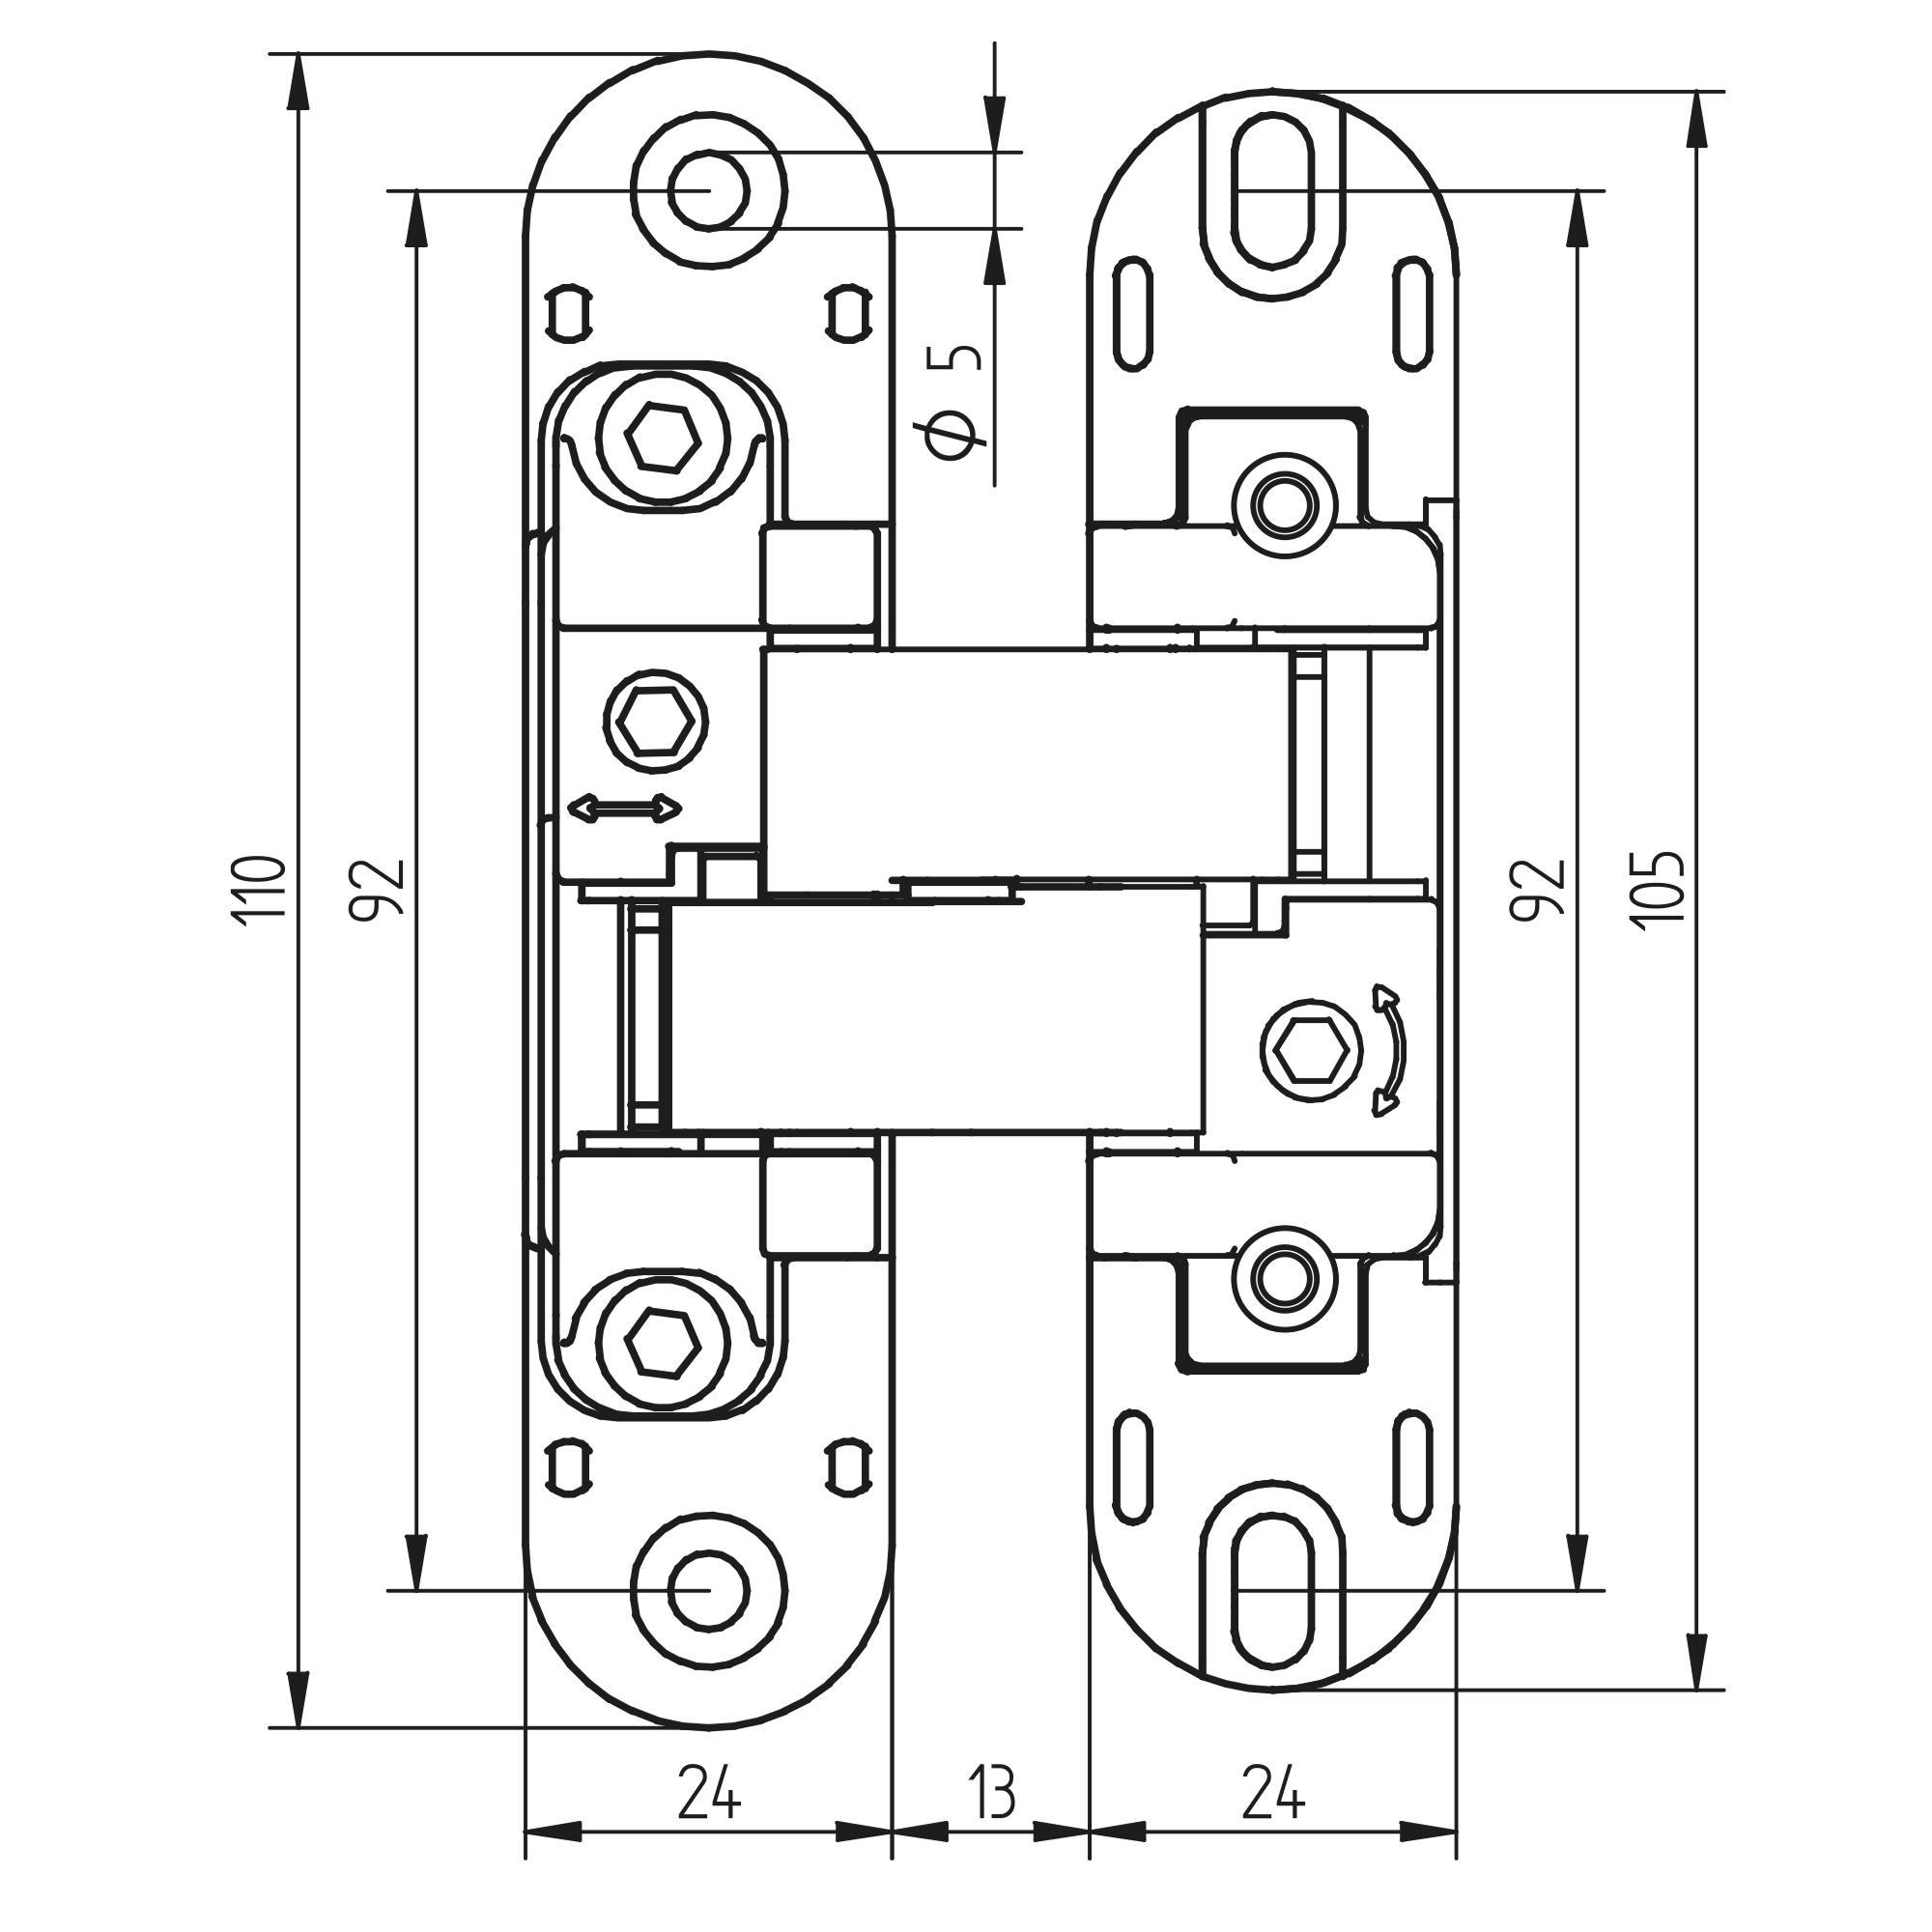 Emuca Cerniere a scomparsa per porte di passaggio, carico di 60 Kg, apertura 180º, zama, grigio metallizzato, 2 un.